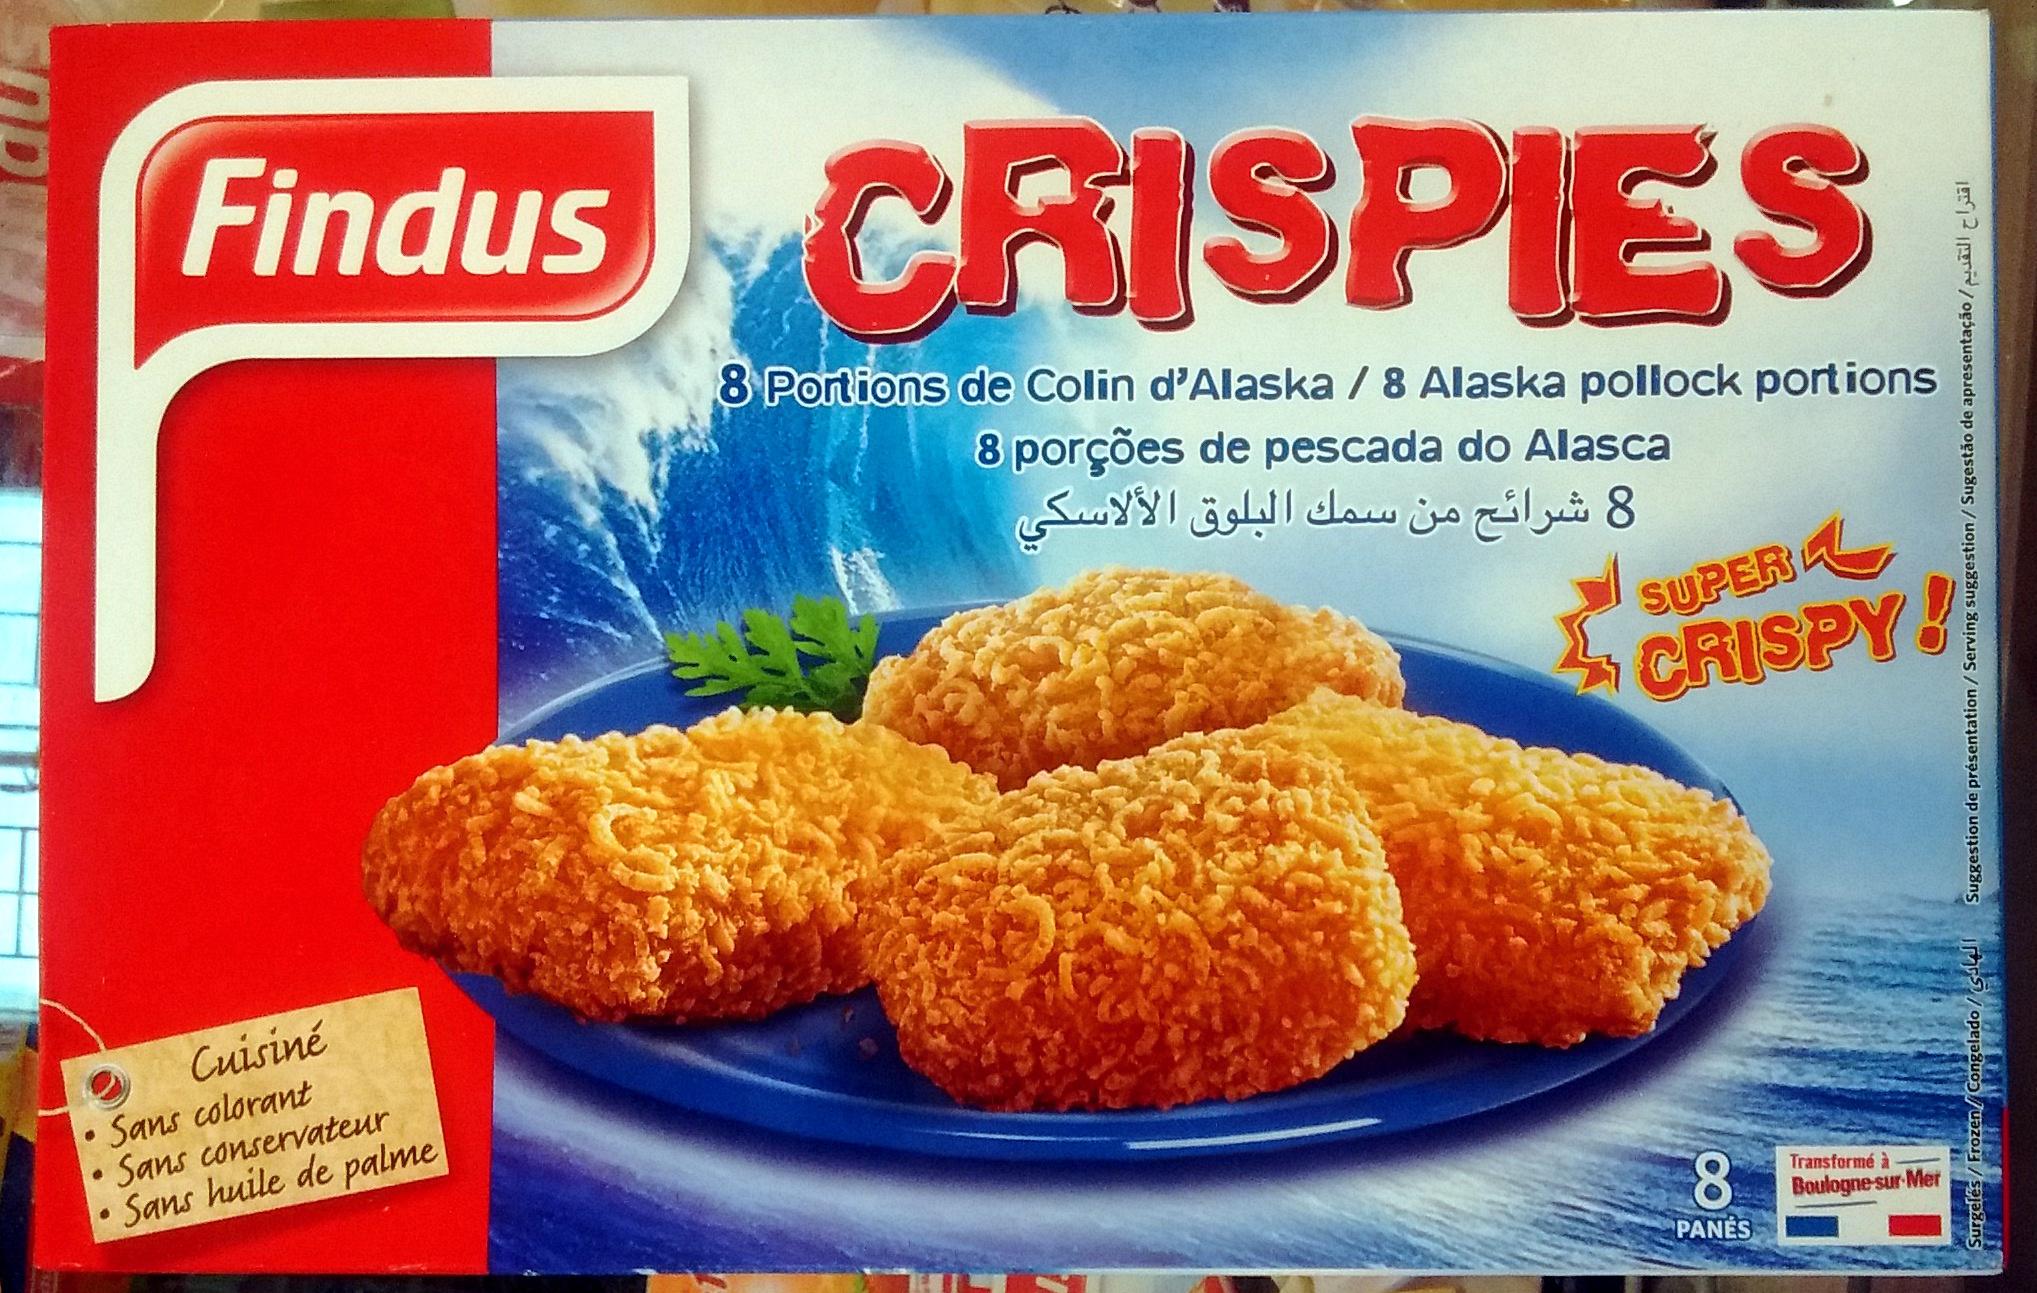 Crispies, 8 Portions de Colin d'Alaska - Product - fr